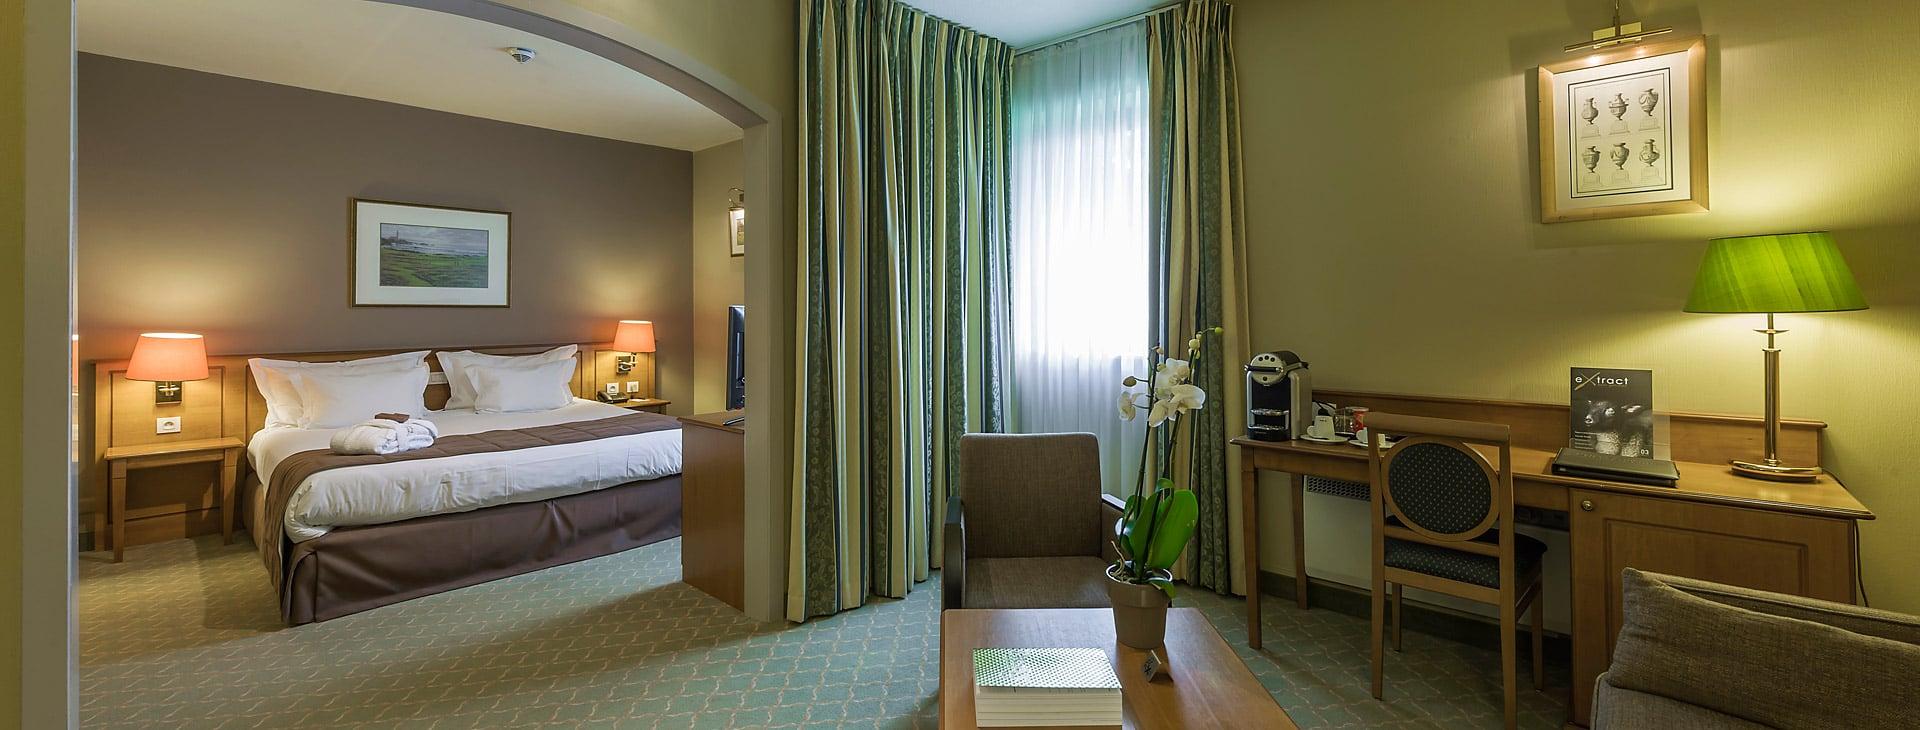 hotel_stiemerheide_DSC8094